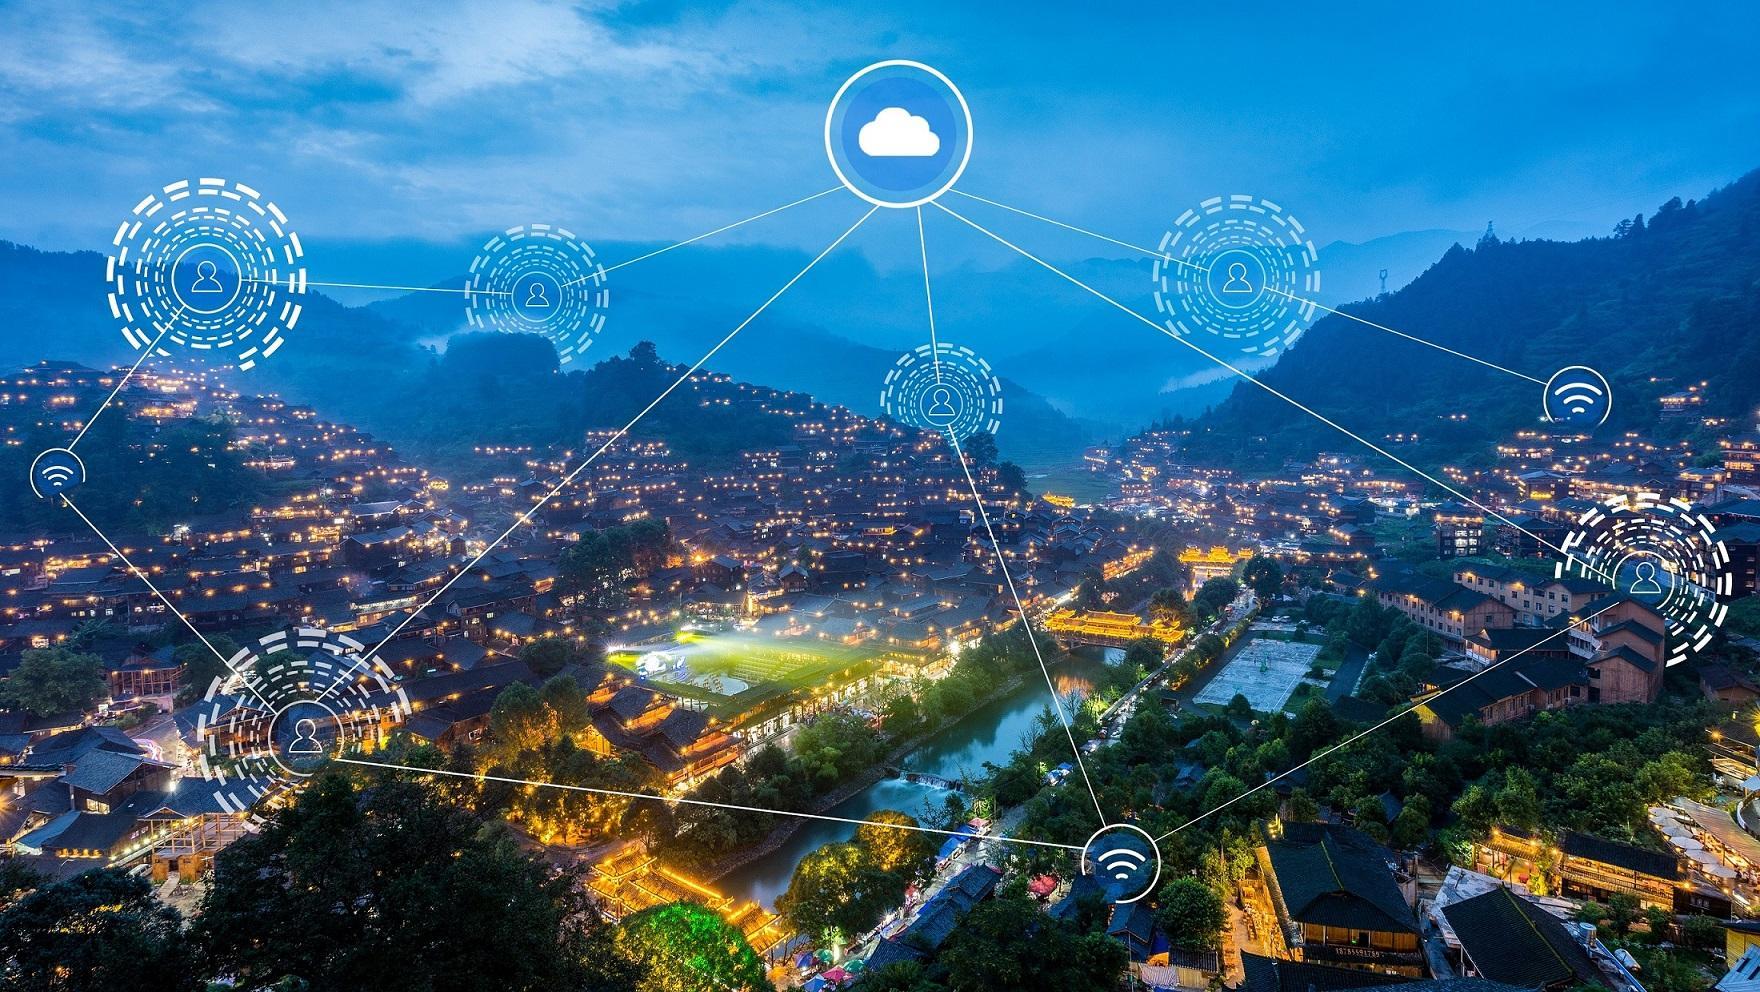 智慧市场监管系统主要监管什么?